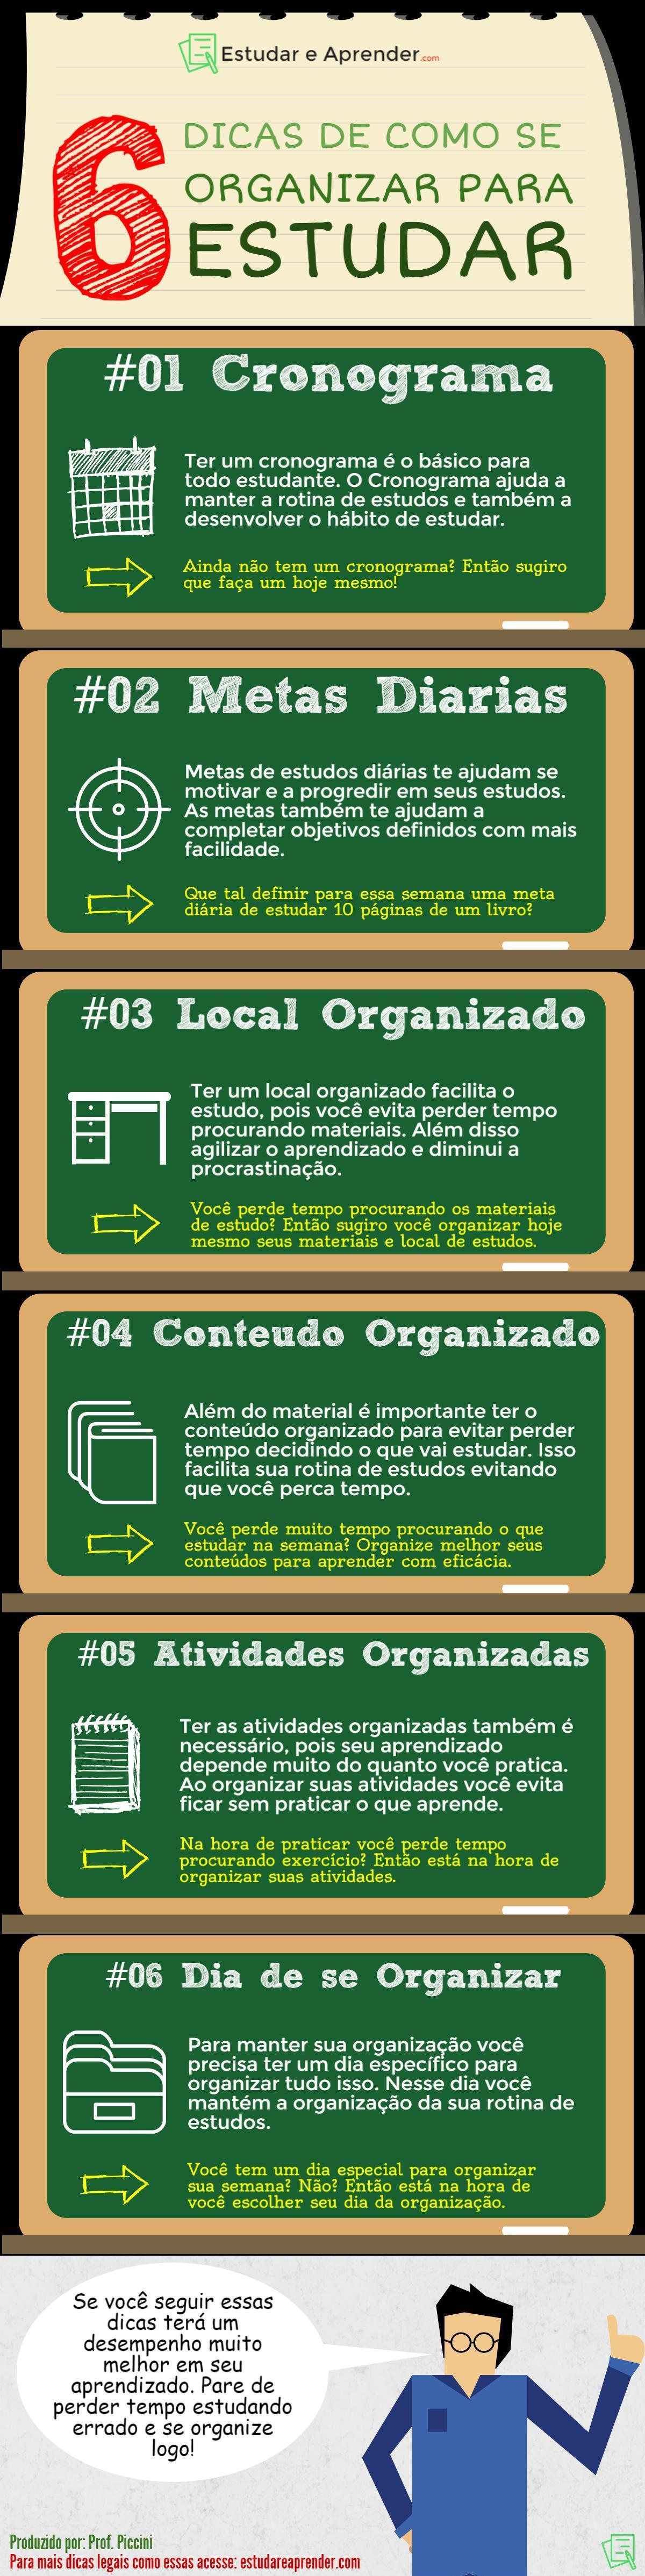 38d08a79b55 Infográfico  6 dicas de como se organizar para estudar - Estudar e ...